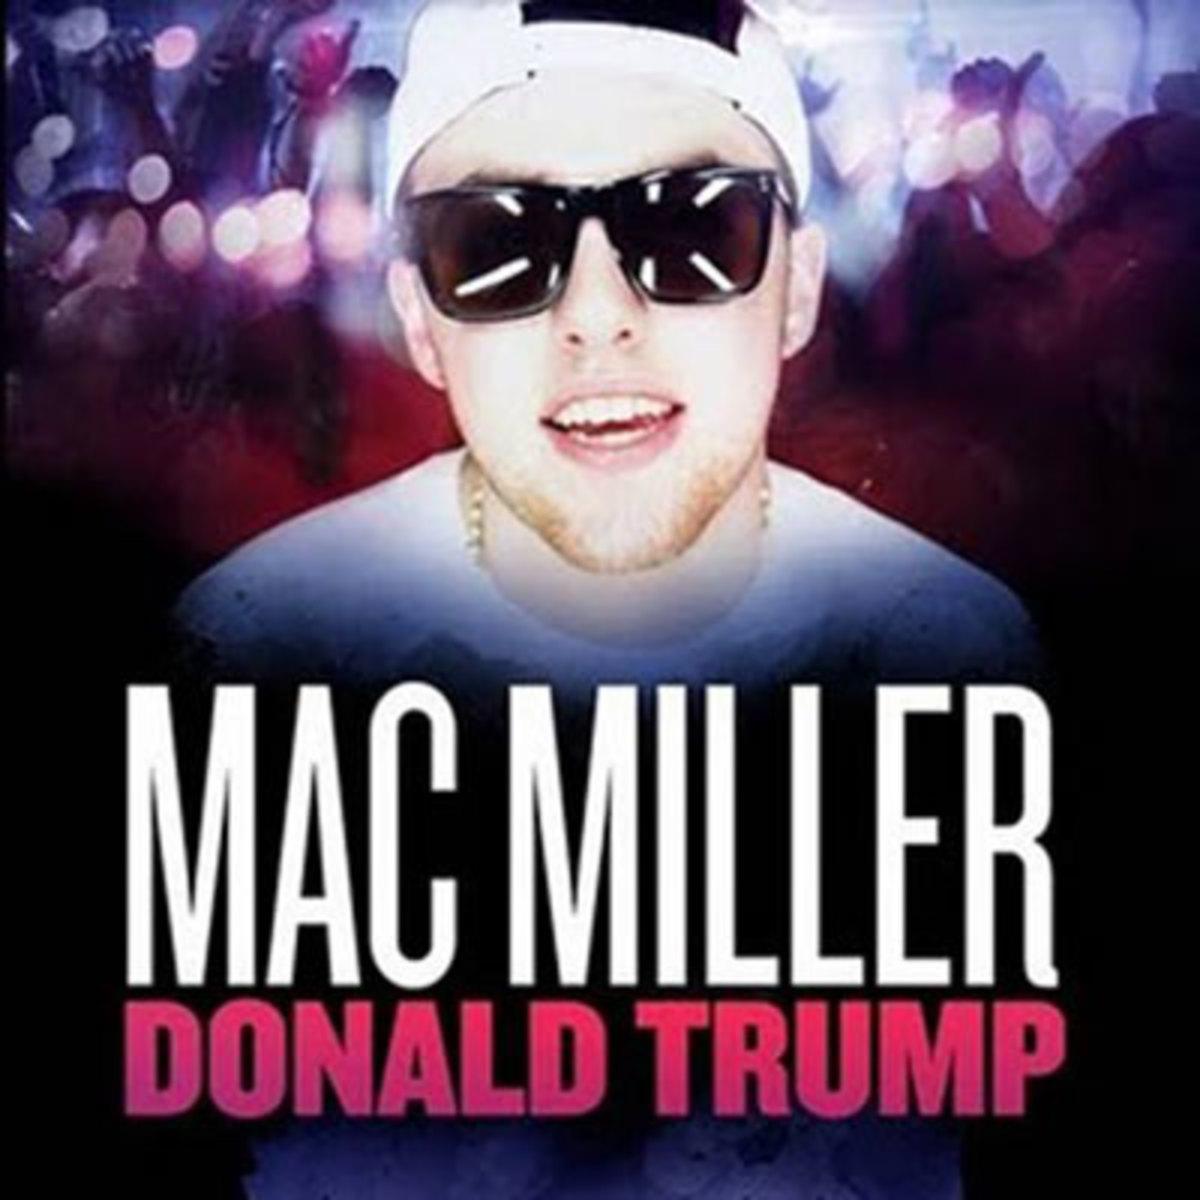 macmiller-donaldtrump.jpg